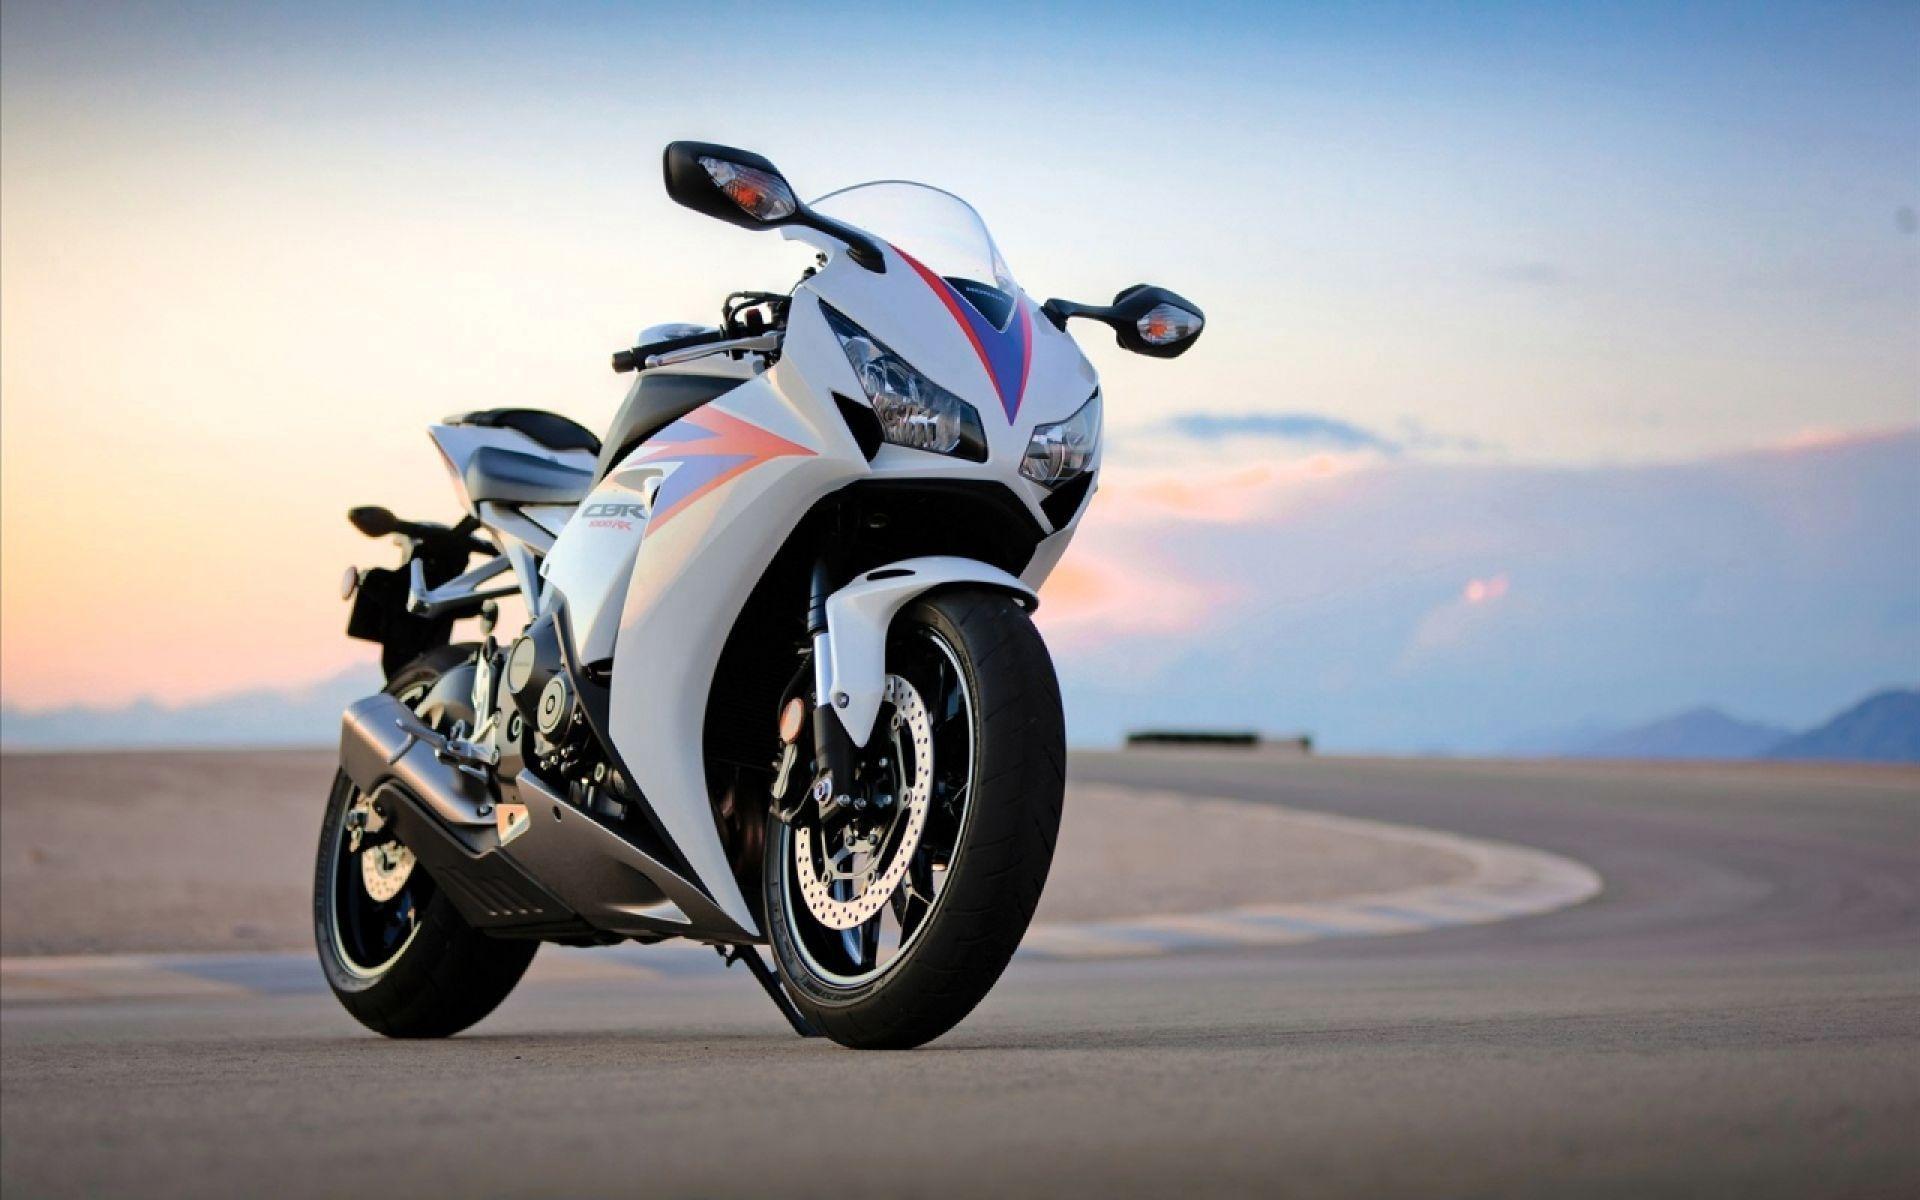 Картинка: Мотоцикл, байк, стоит, трасса, дорога, небо